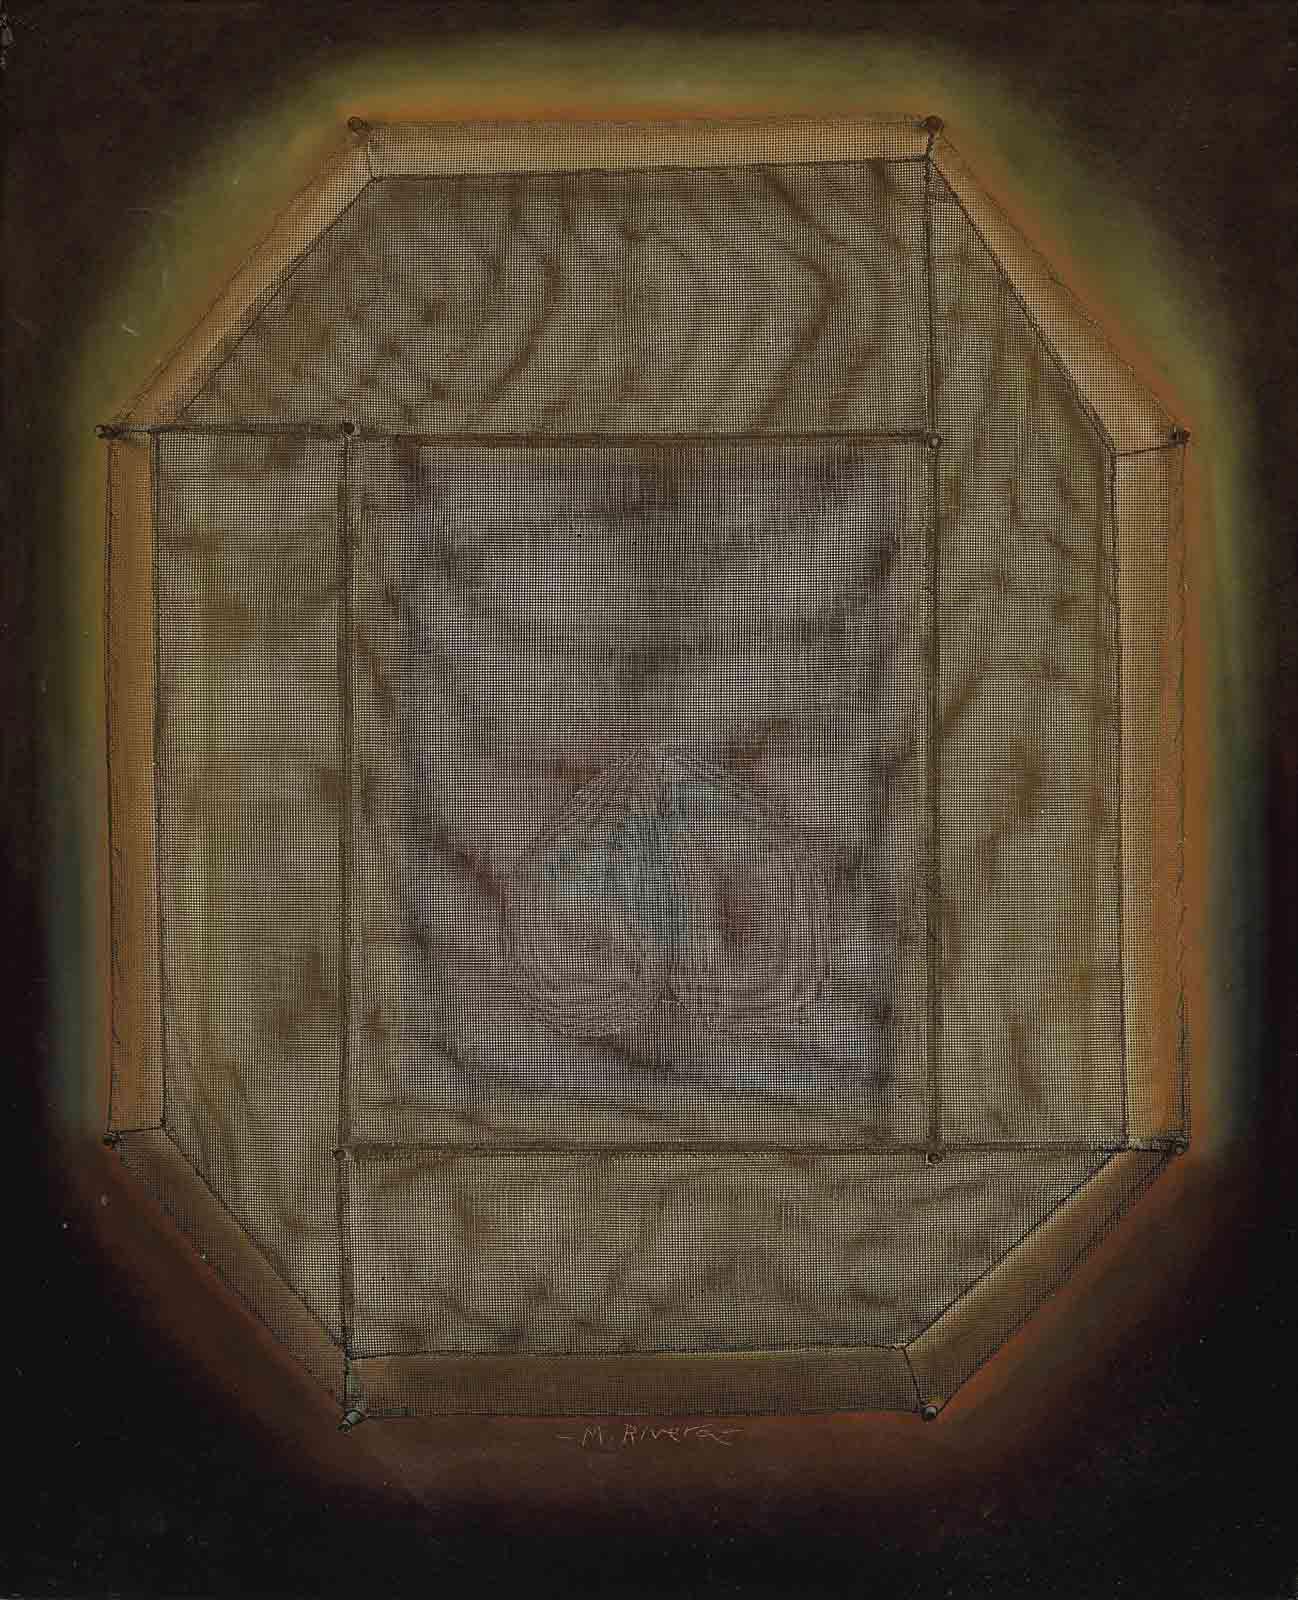 Espejo Mutante No. 5 (Mutant Mirror No. 5)